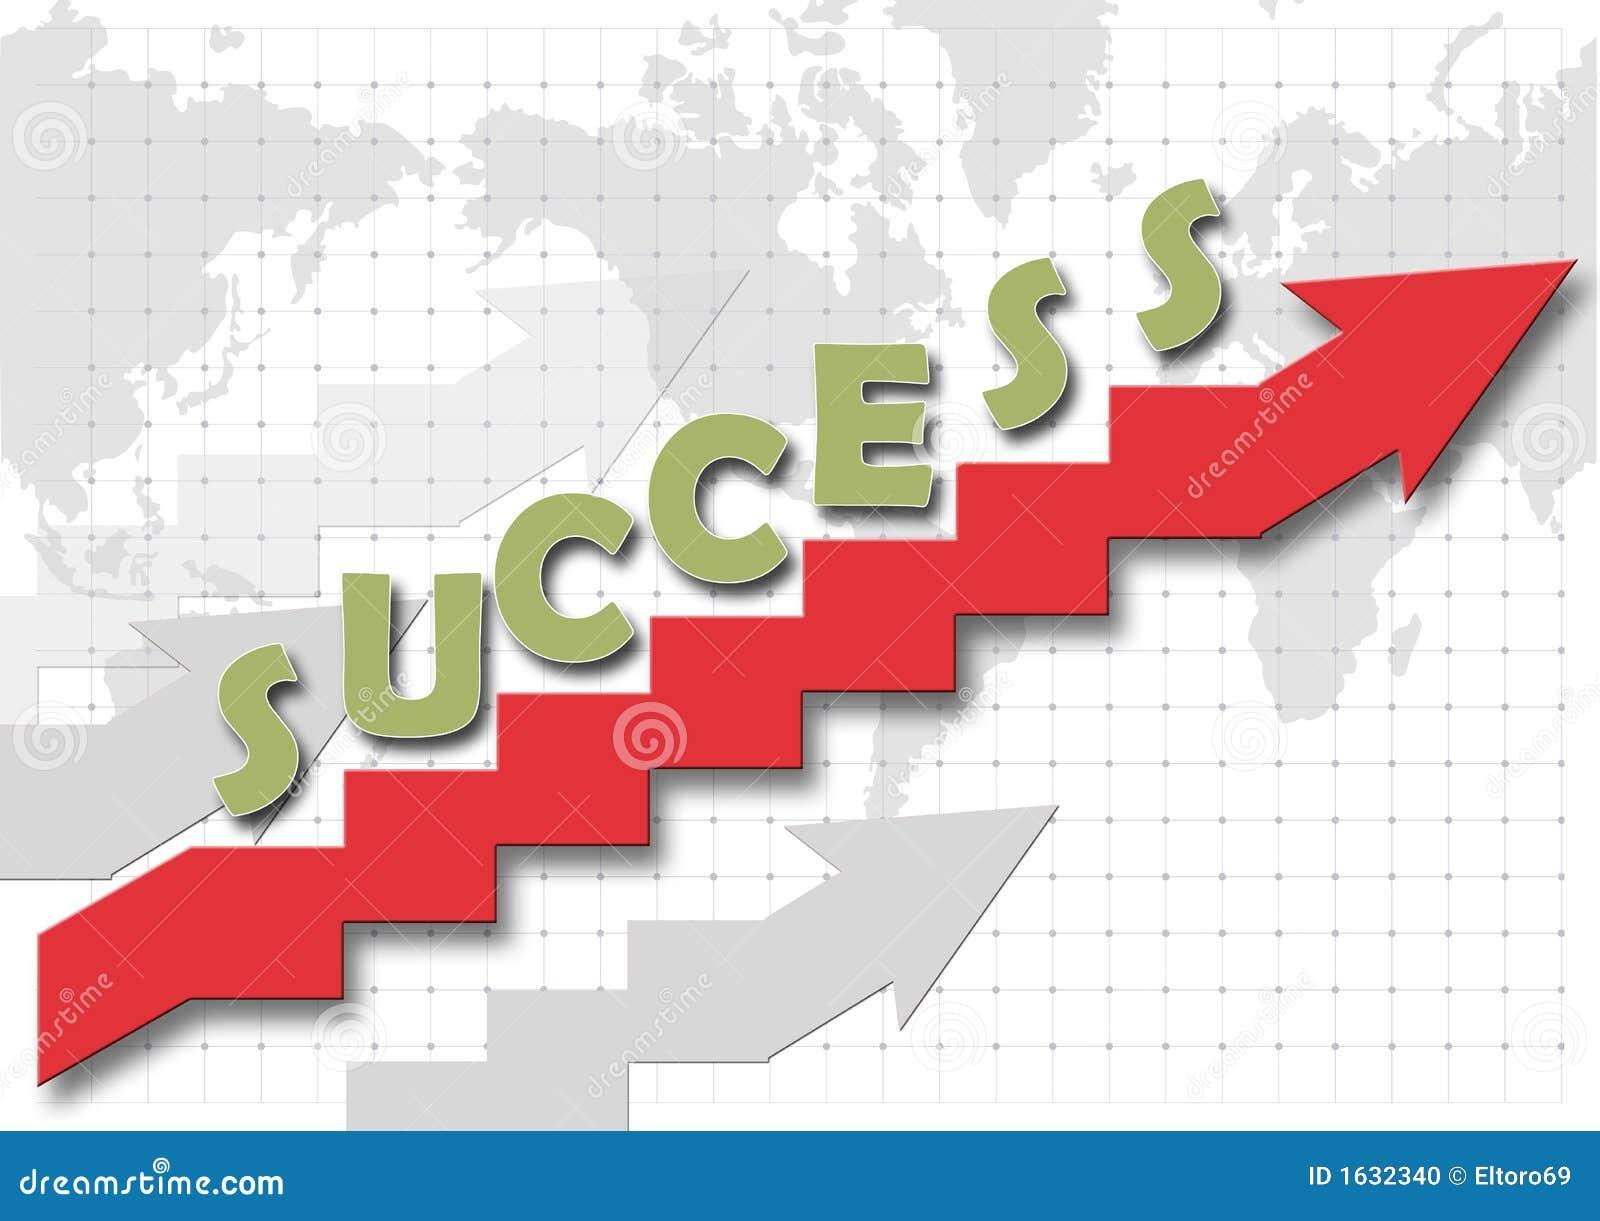 Escalier des succes